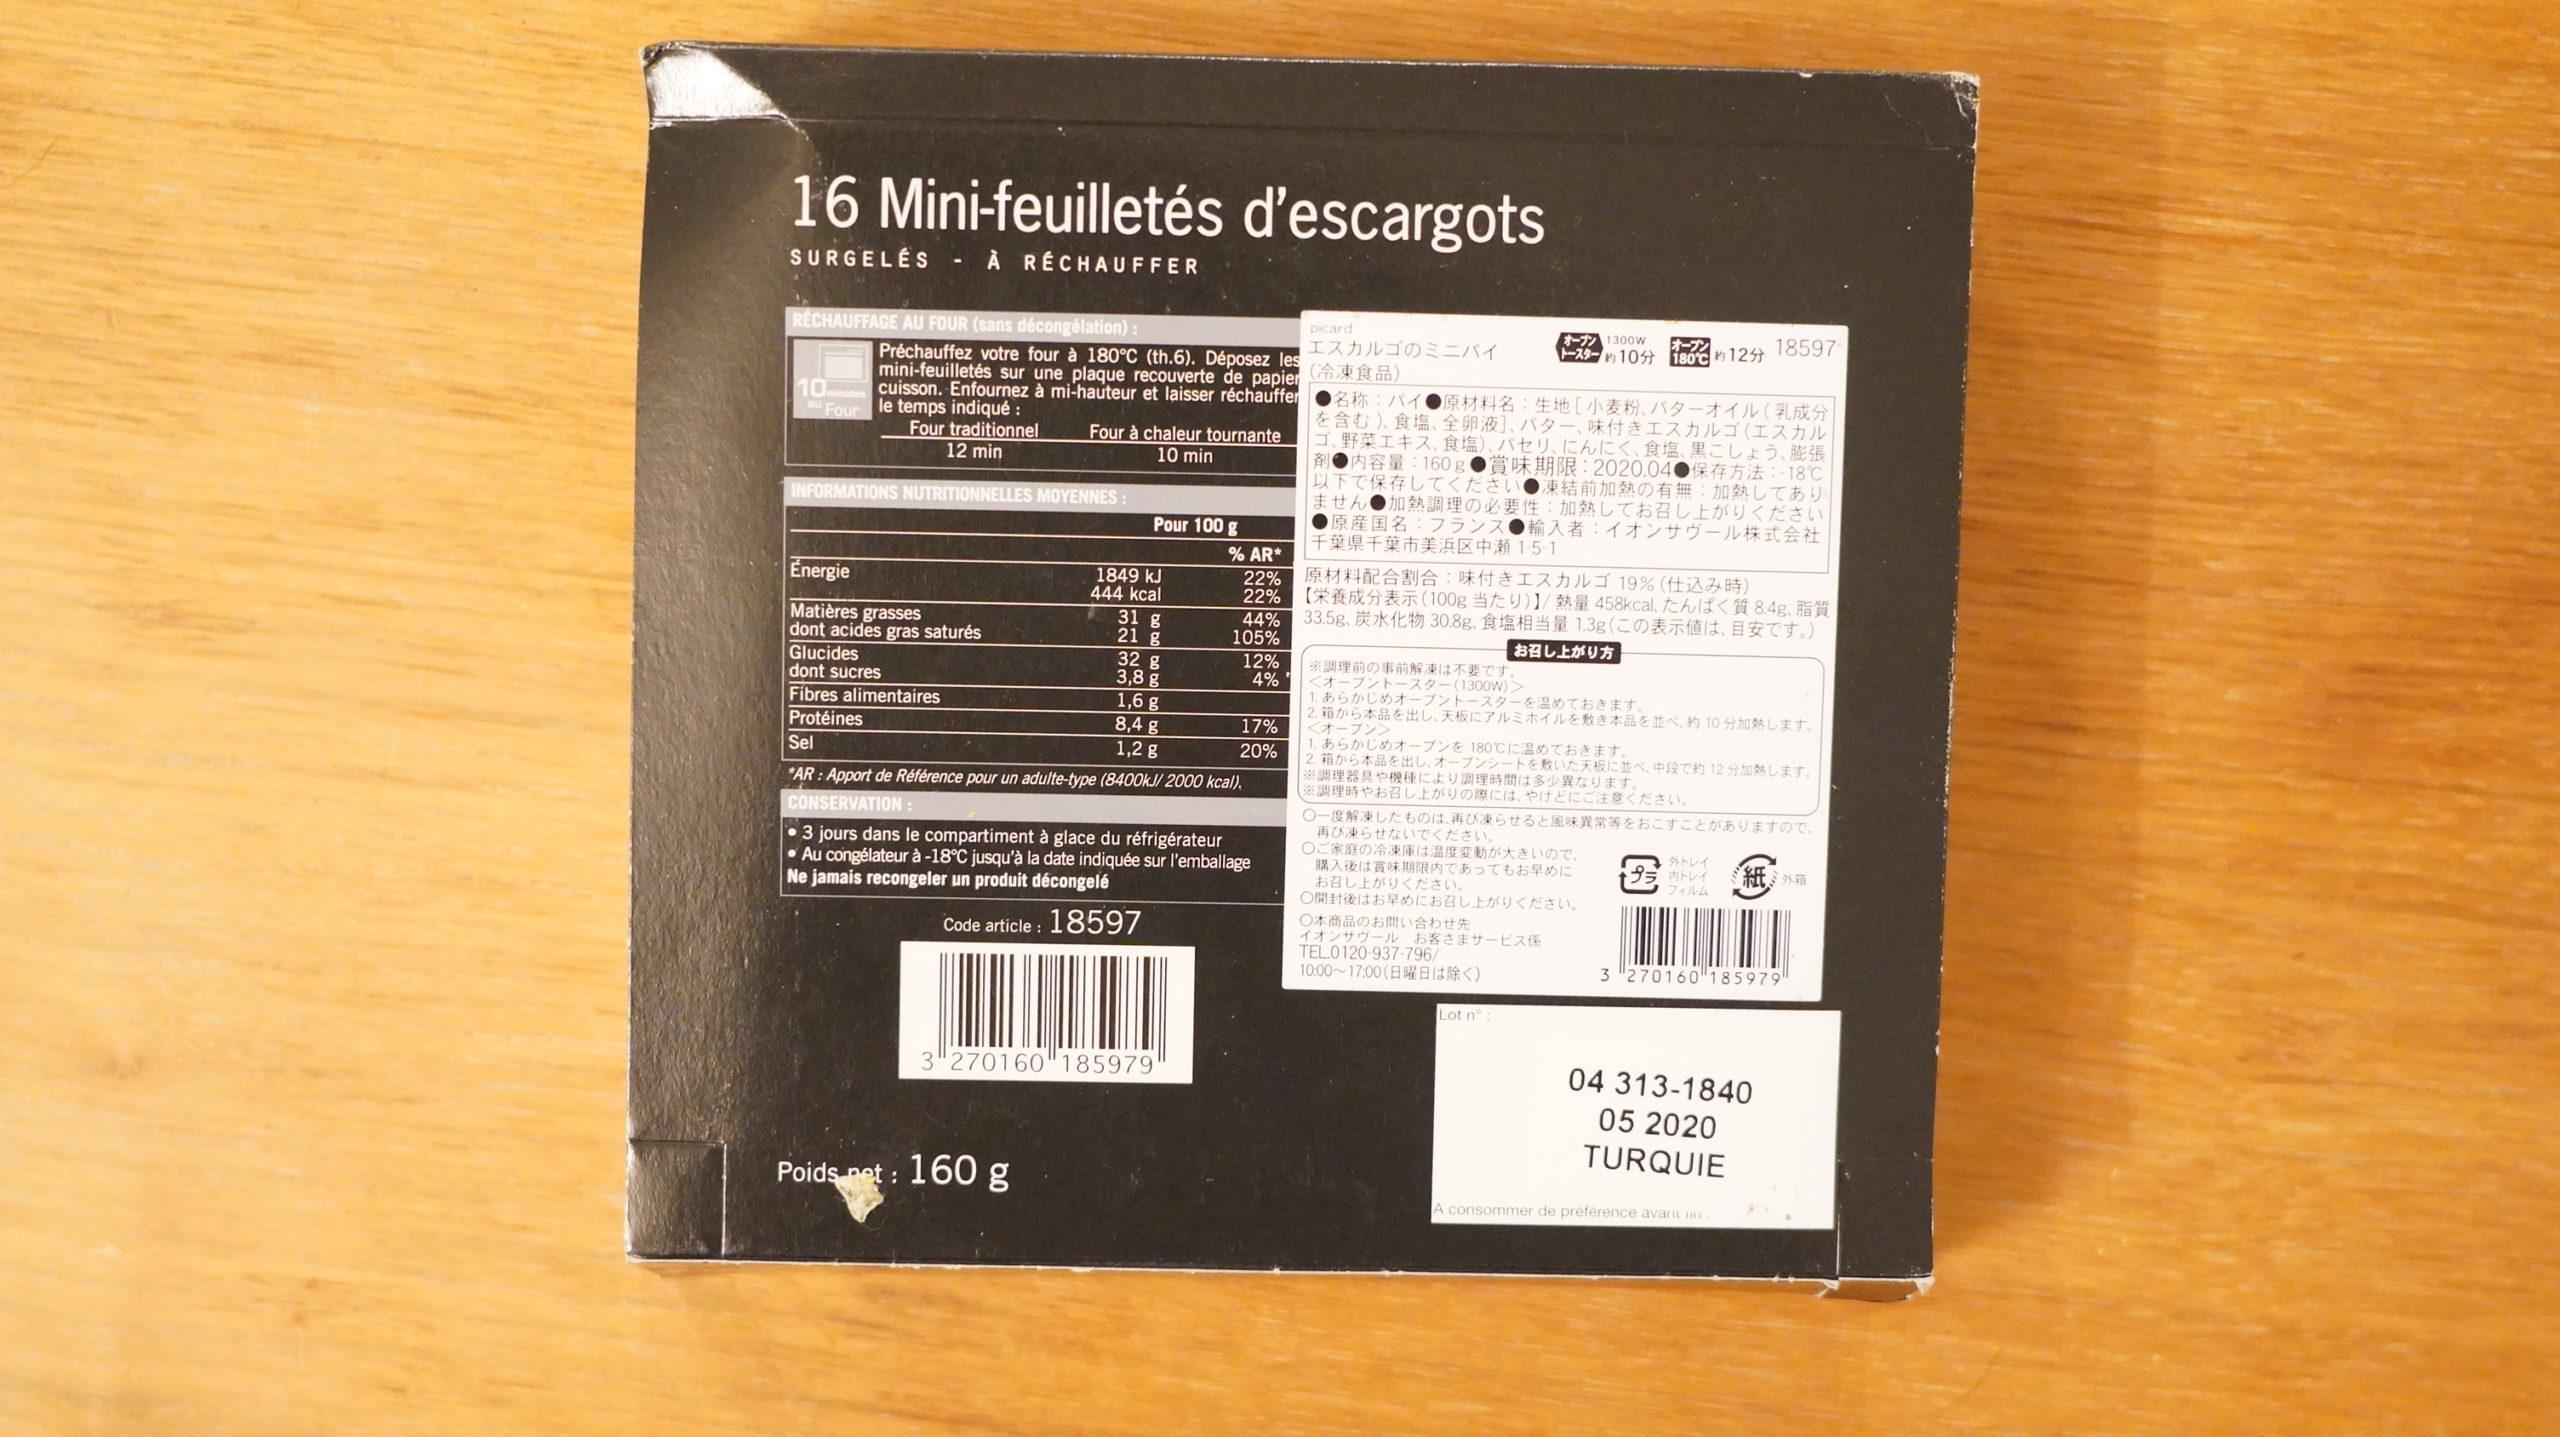 ピカールの冷凍食品「エスカルゴのミニパイ」のパッケージ裏面の写真